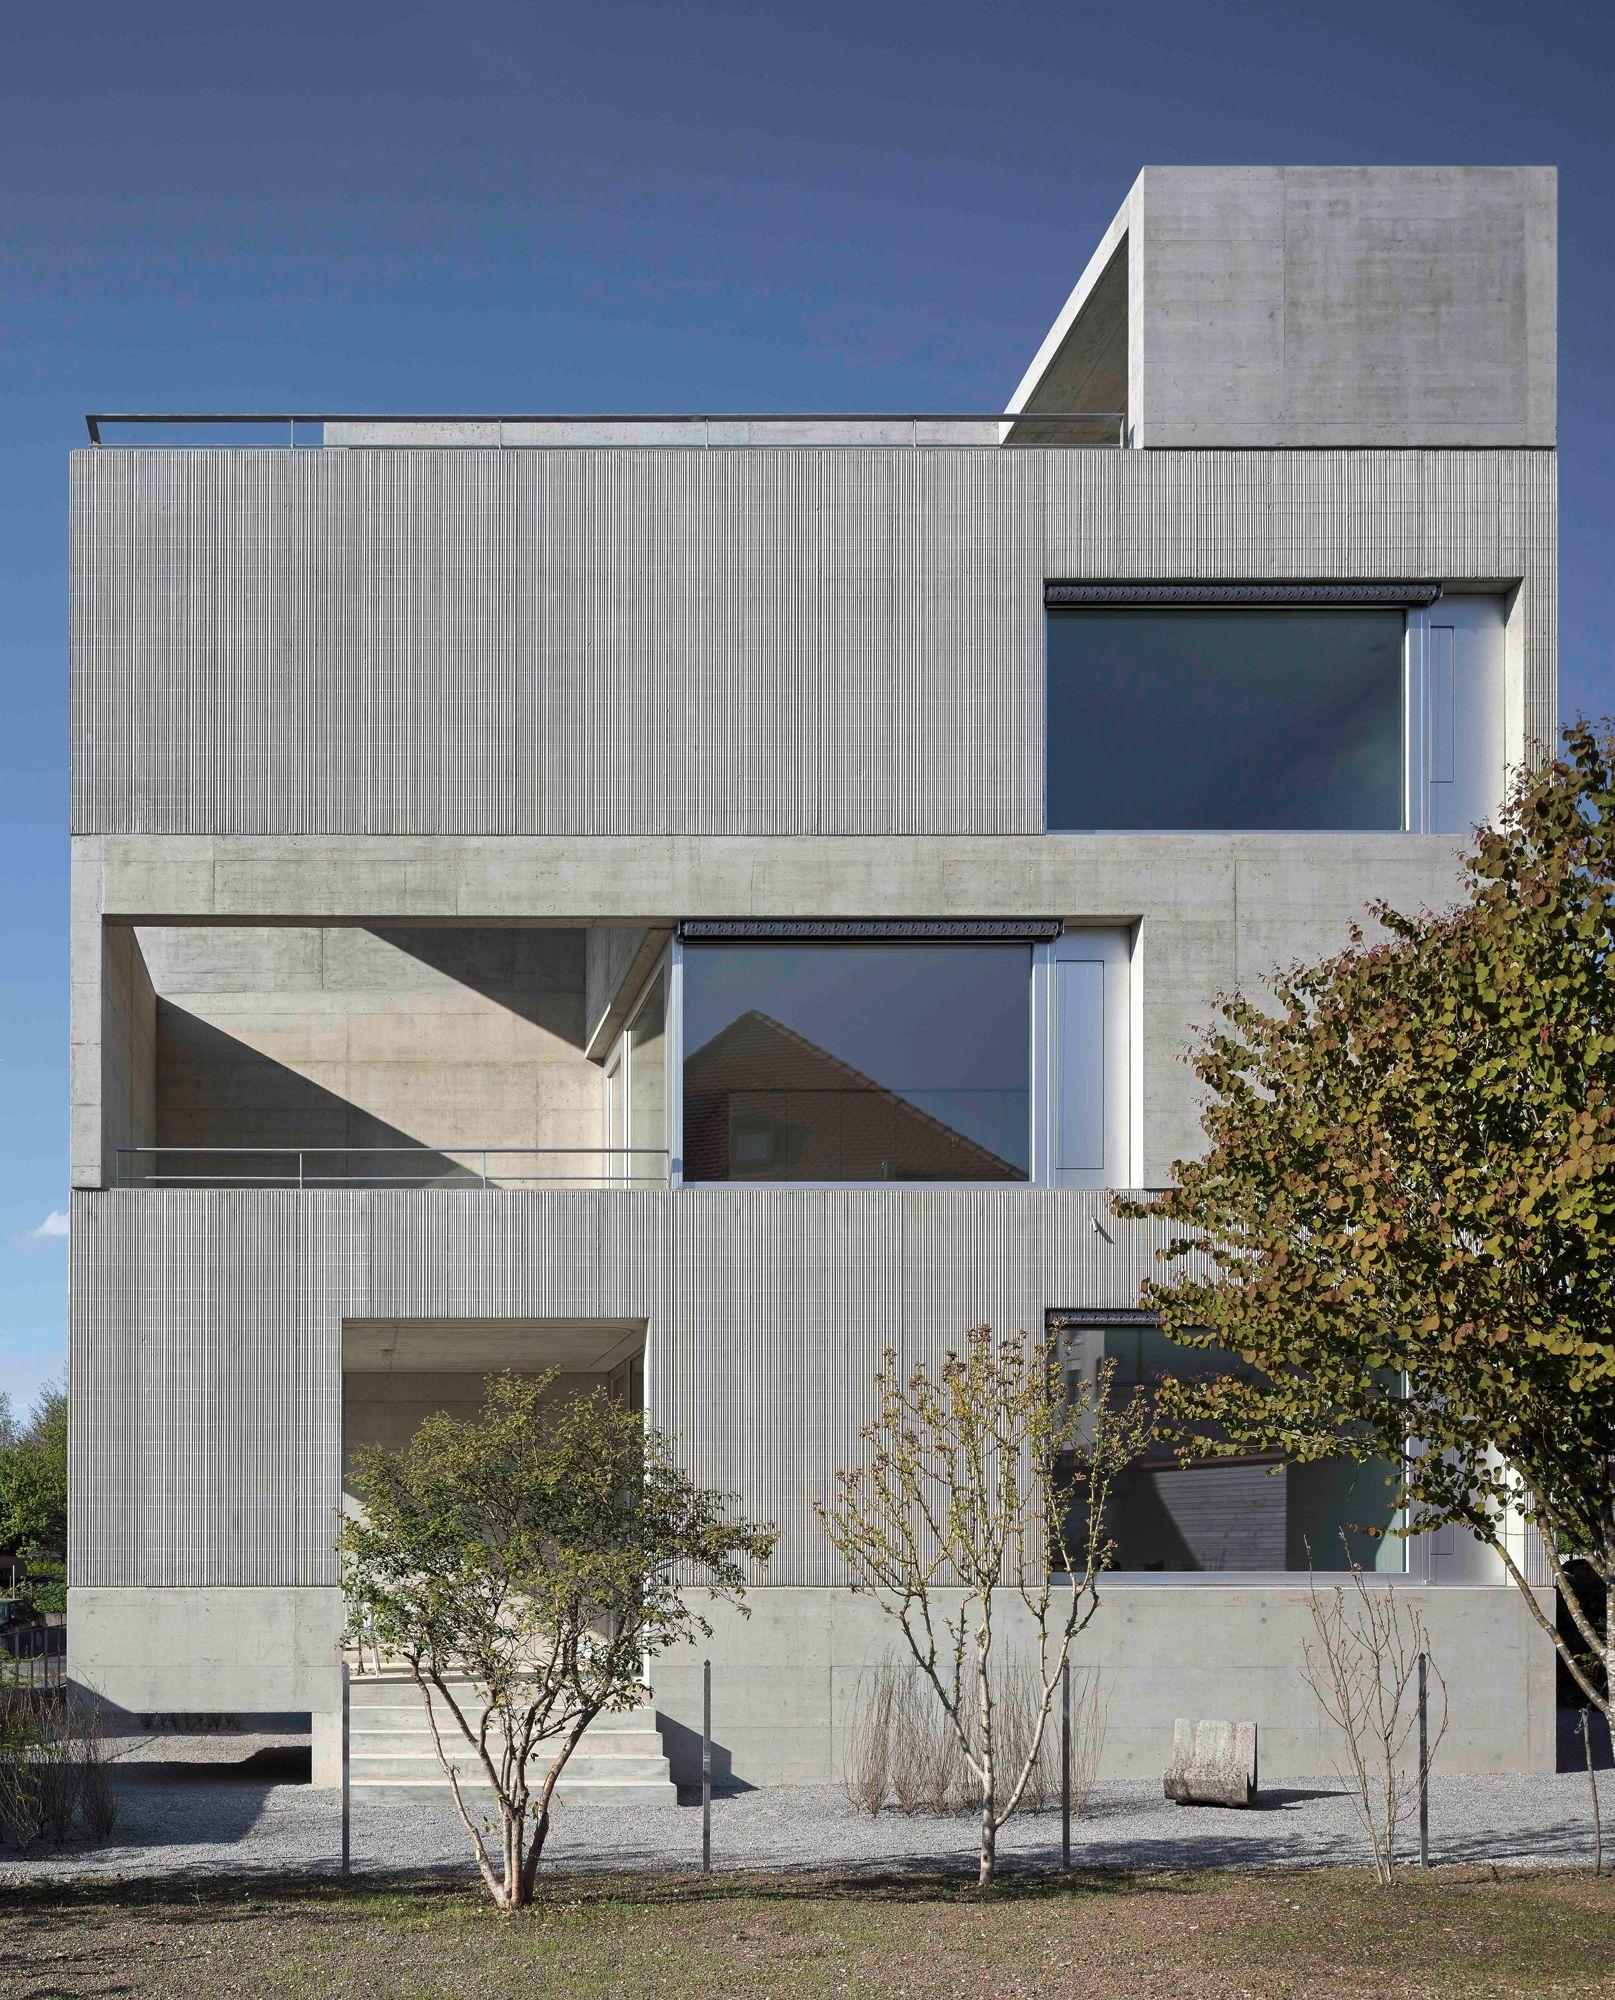 Spagat zwischen beton und feiner spitze wohnhaus in uster - Beton architektur ...